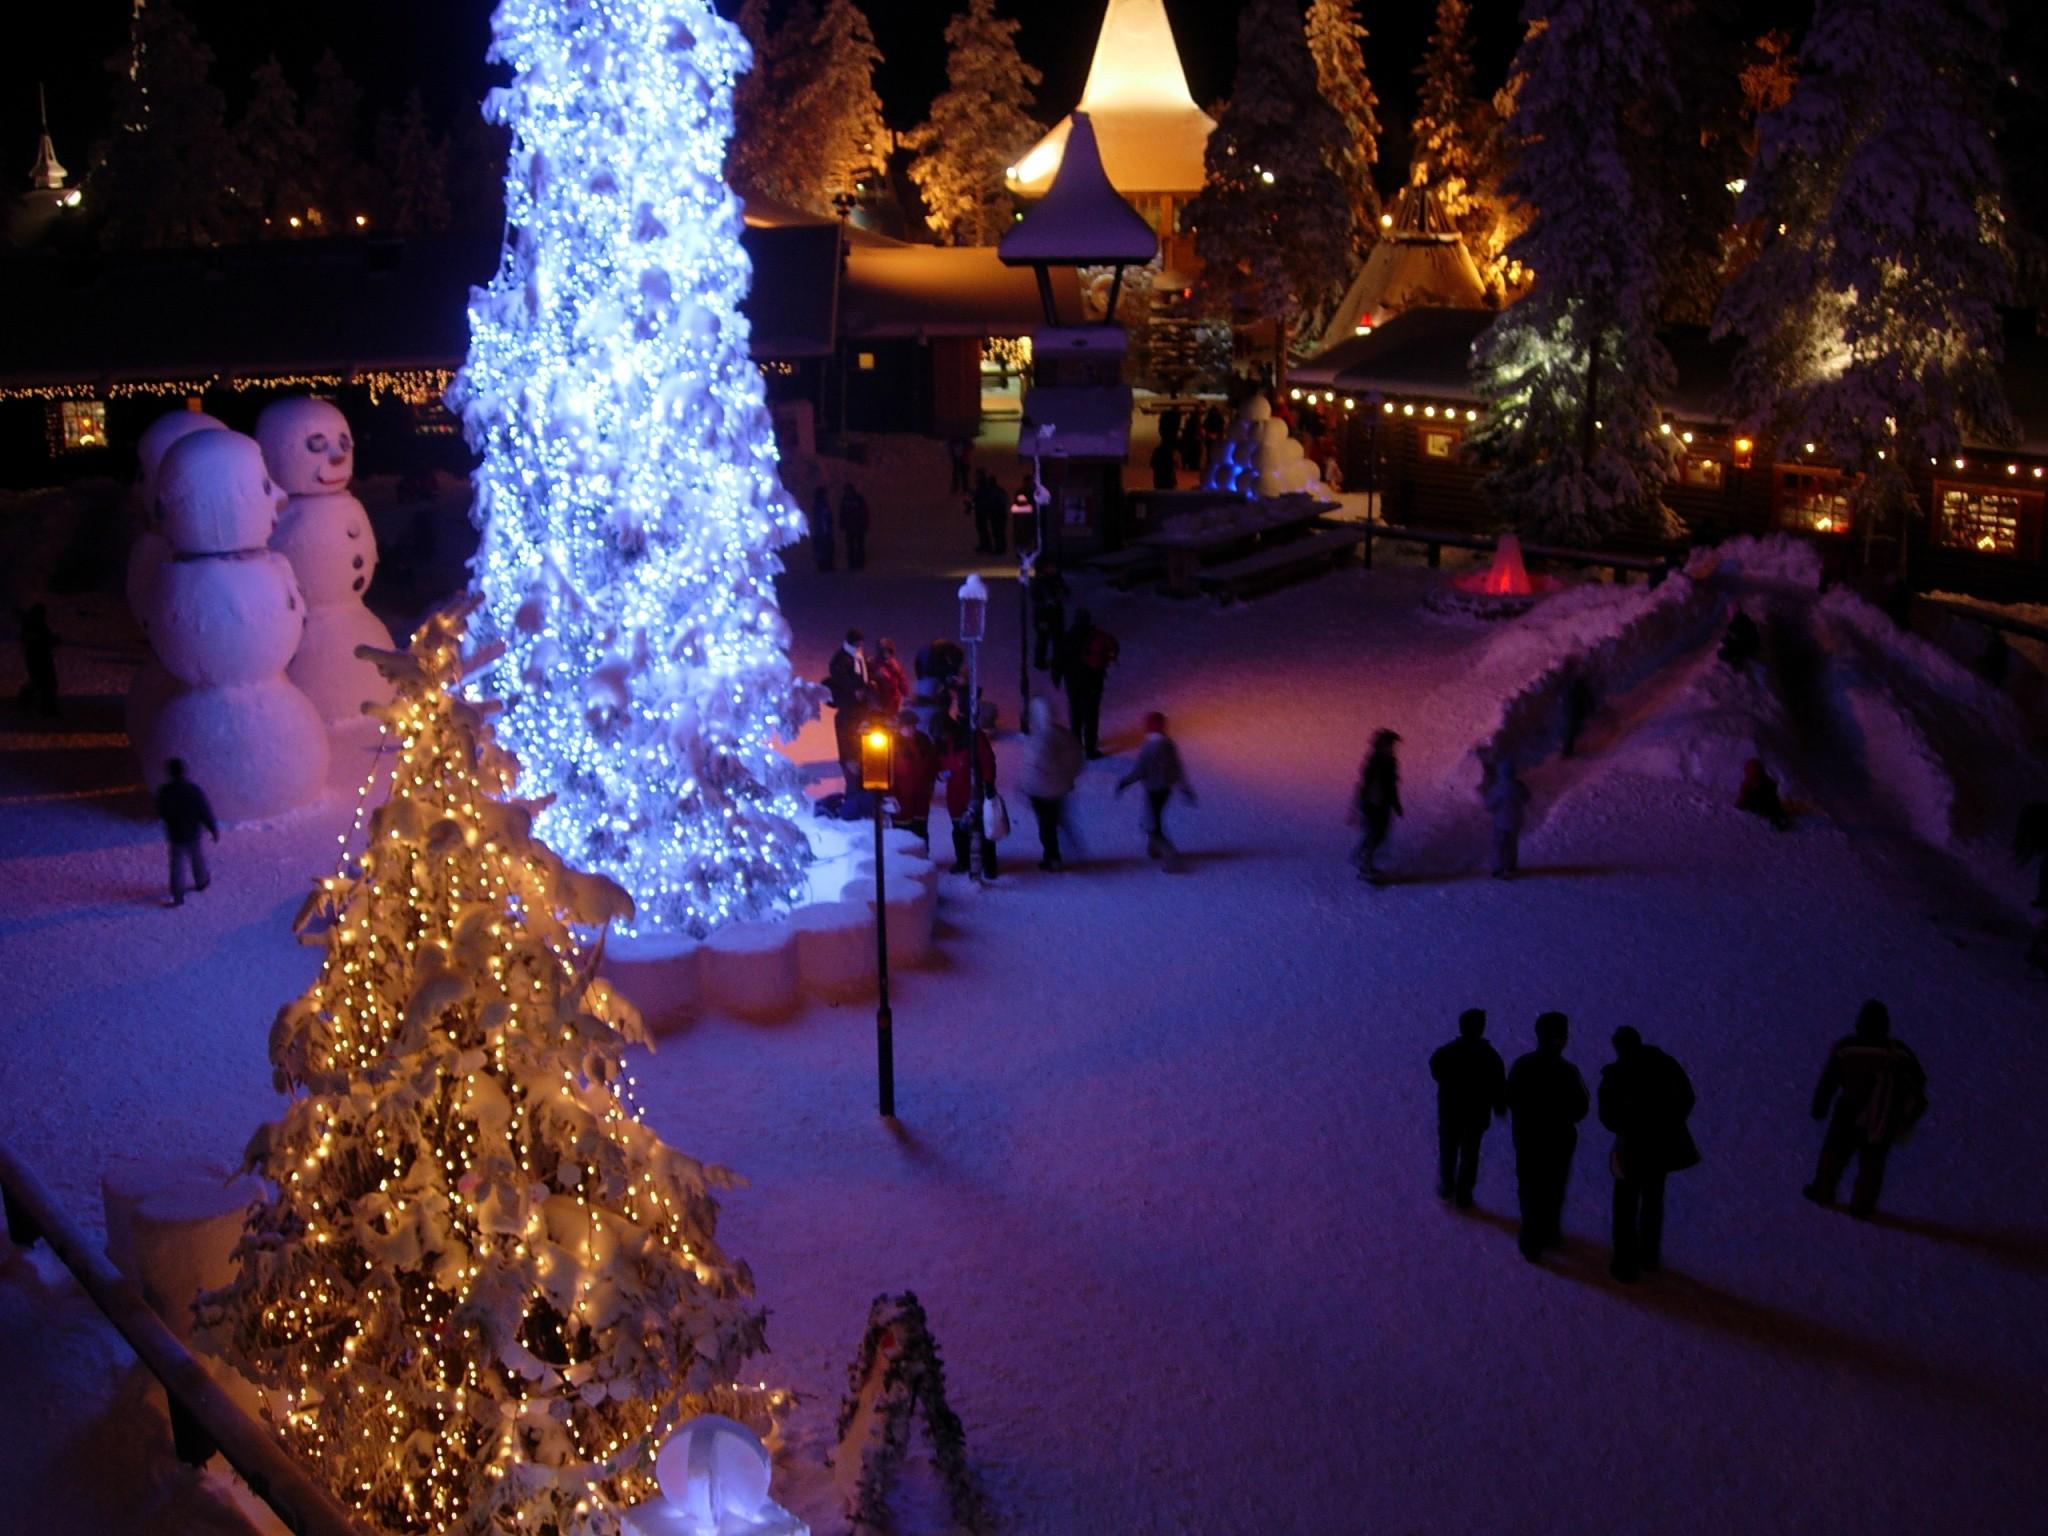 Dov E Babbo Natale.Santa Claus Village Wikipedia